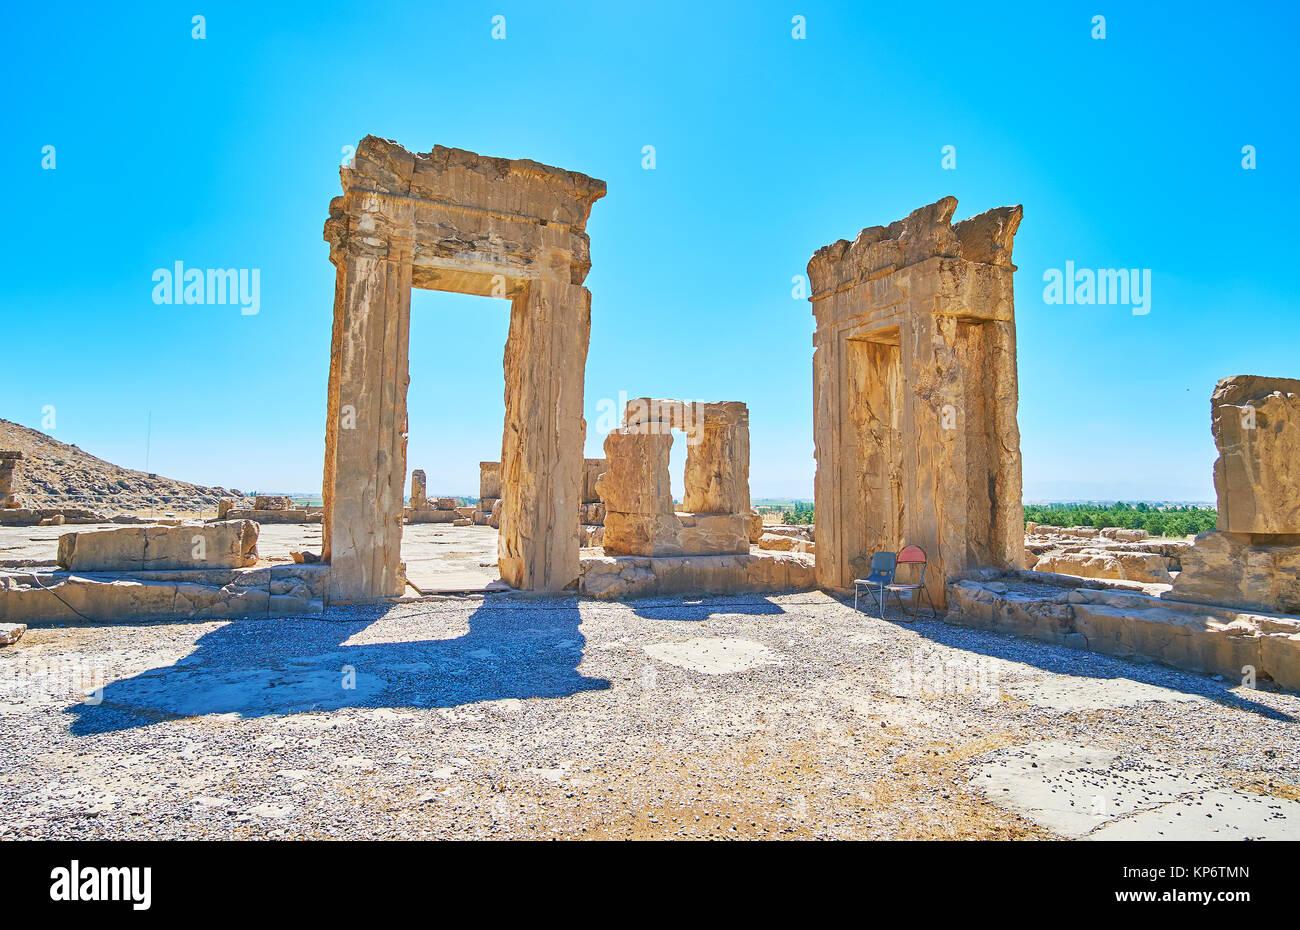 Les ruines de Tripylon, ancienne salle du Conseil du roi perse, Persépolis site archéologique, l'Iran. Photo Stock